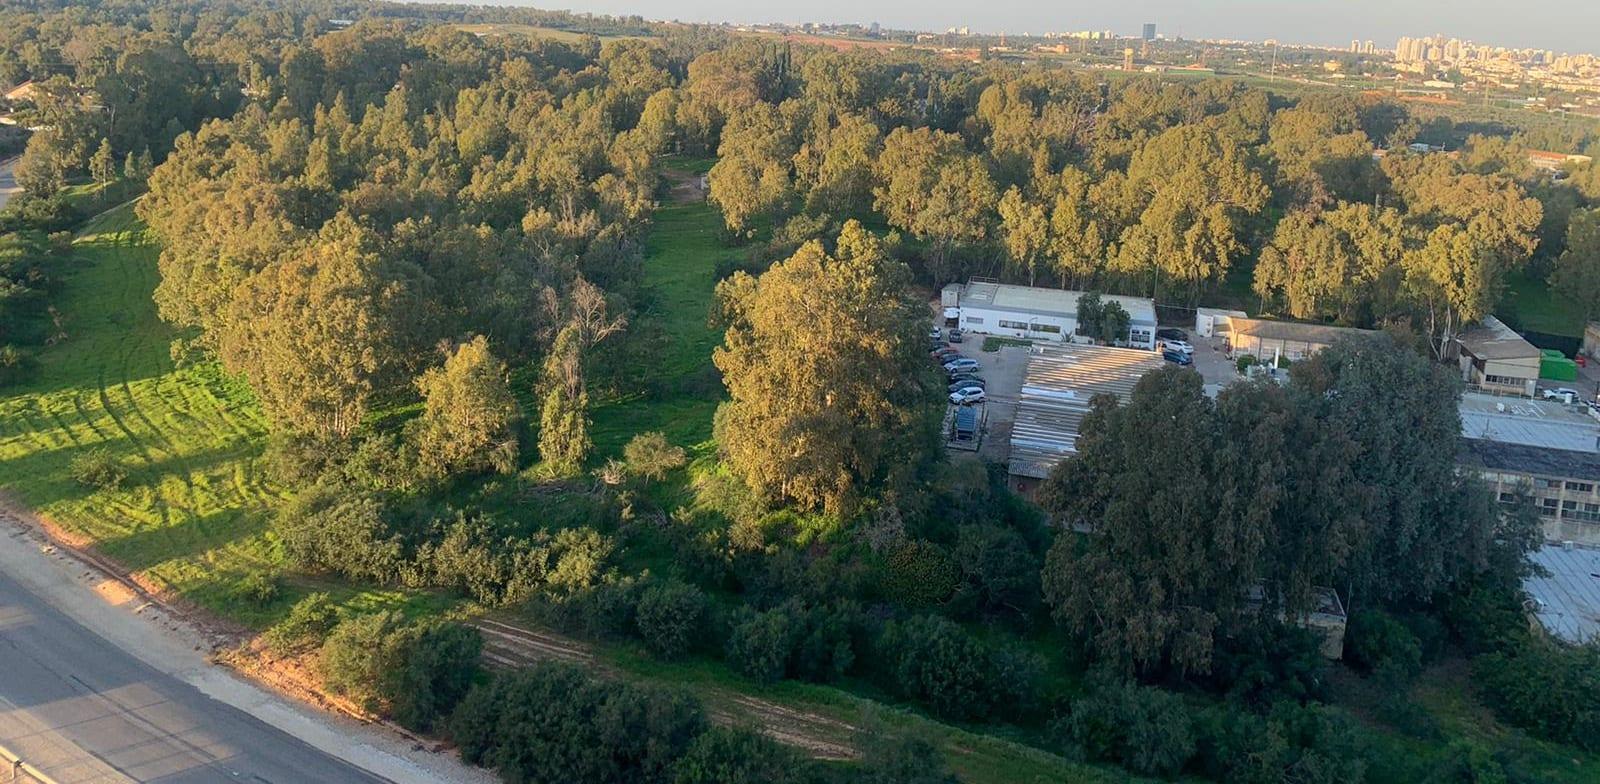 שטחי מפעל תעש השרון / צילום: תמונה פרטית